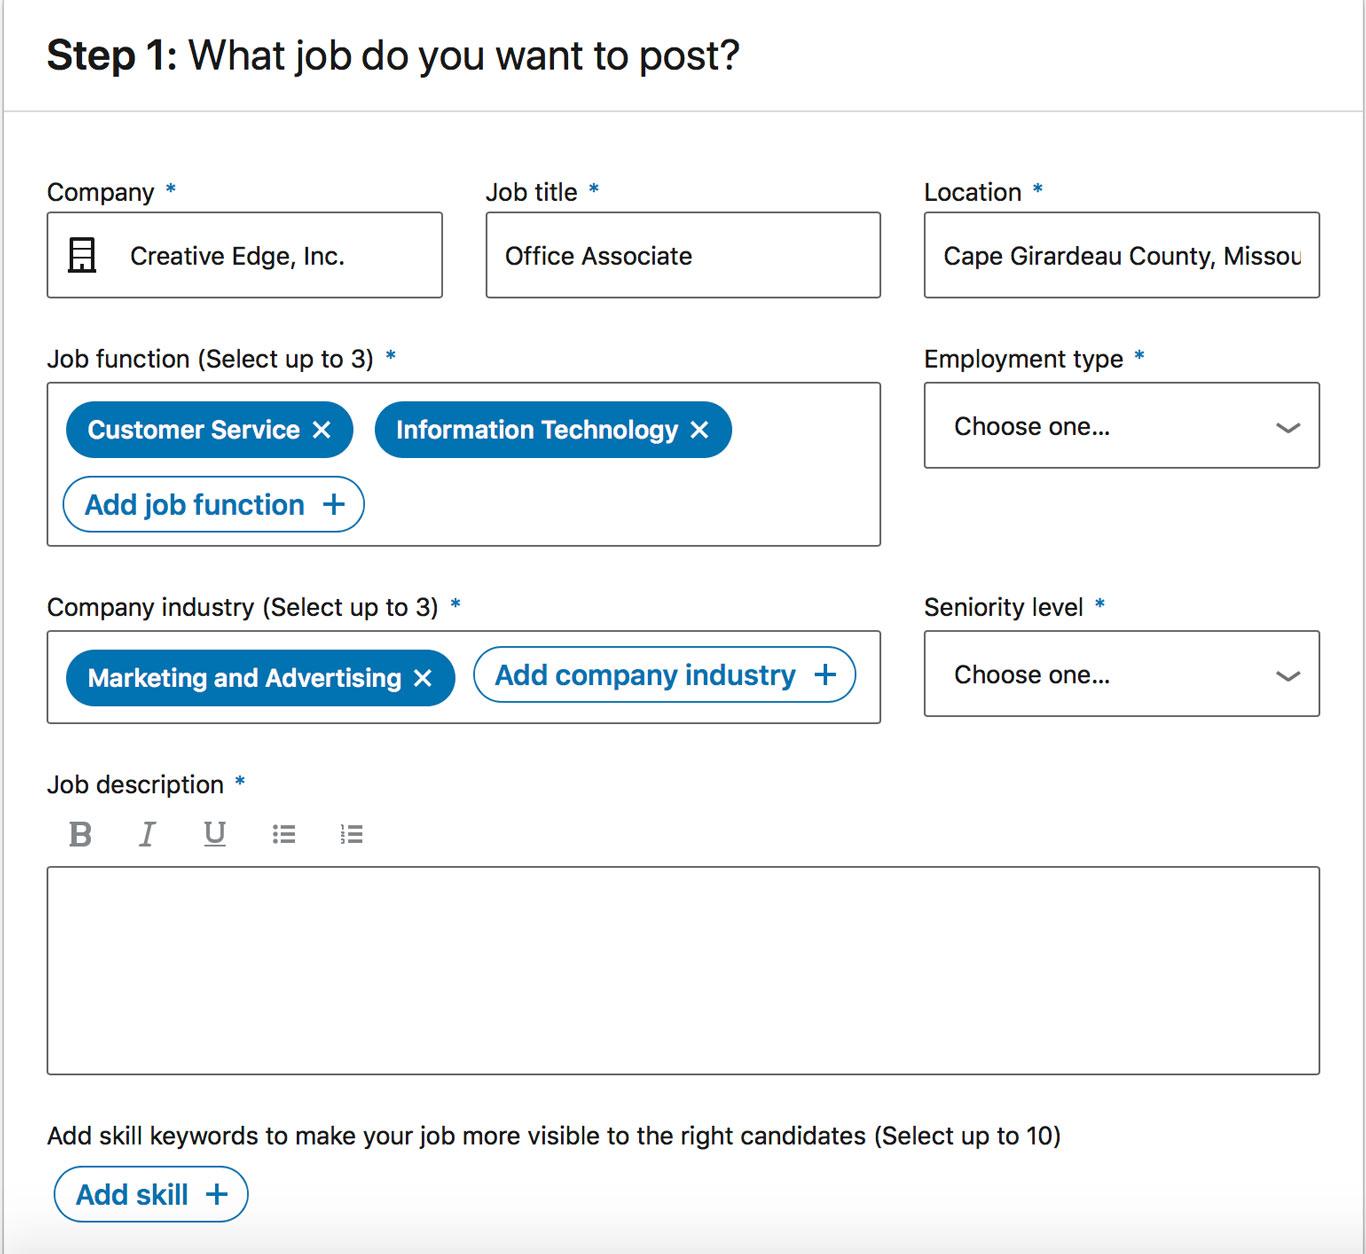 Facebook screenshot of the job post builder for an Office Associate position